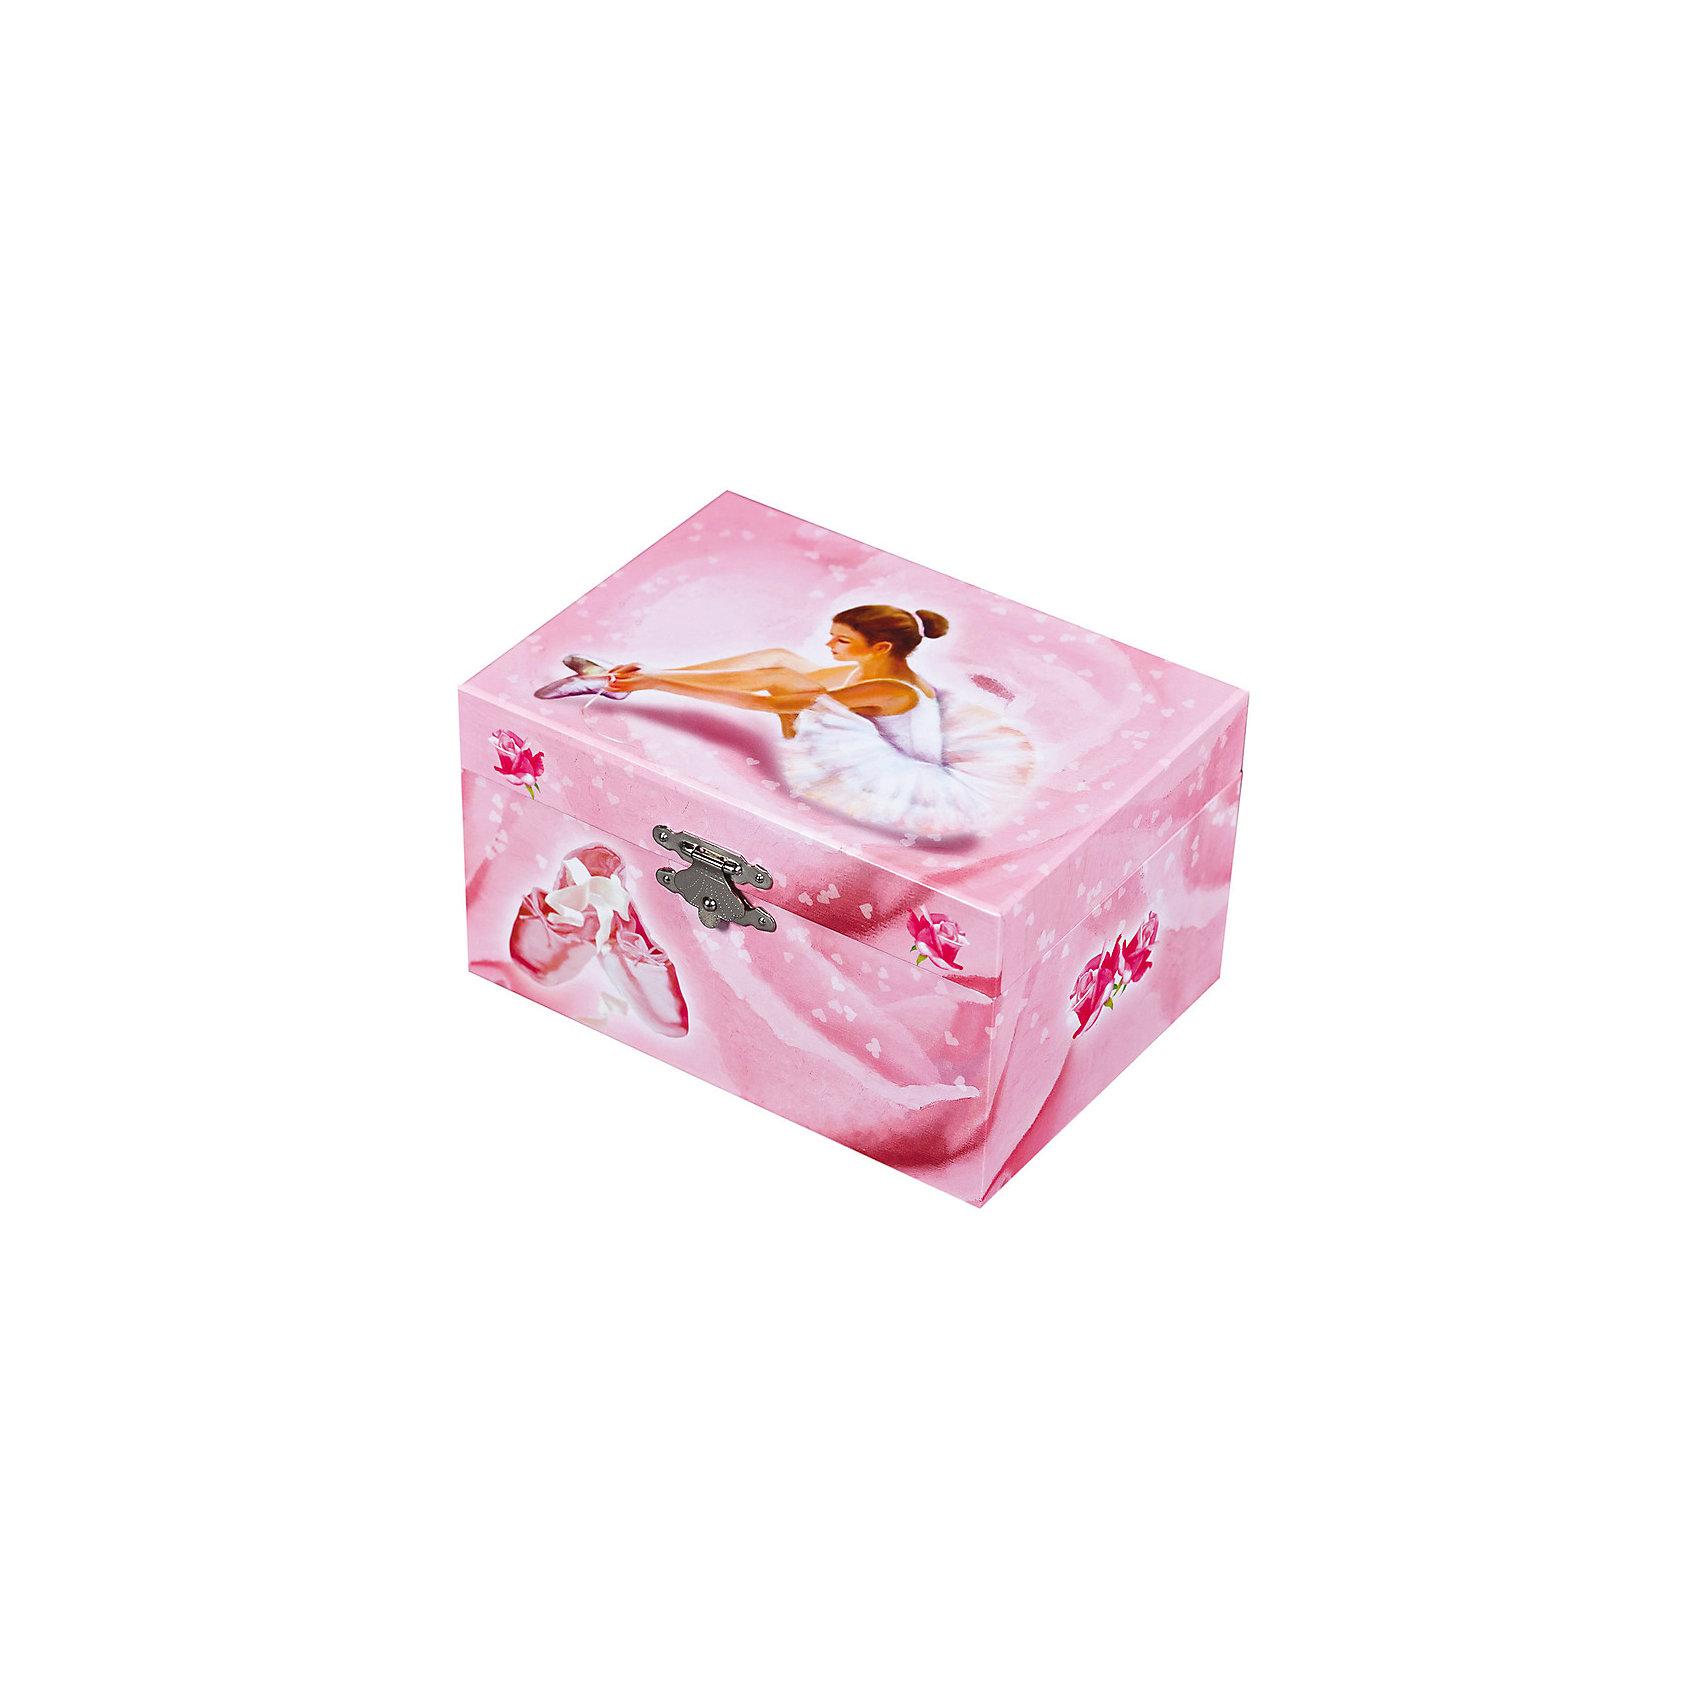 Музыкальная шкатулка Балерина Ballerina, Trousselier, pinkКакая девочка не мечтает о музыкальной шкатулке? Подарите девочке настоящую музыкальную шкатулку с заводным механизмом от французской компании Trousselier. Шкатулка проигрывает приятную мелодию.<br>Она выглядит очень красиво - на ней симпатичная картинка. Внутри шкатулки даже есть место для хранения разных мелочей и зеркальце. Изделие произведено из высококачественных материалов, и соответствует европейским стандартам безопасности.<br><br>Дополнительная информация:<br><br>цвет: разноцветный;<br>материал: дерево;<br>заводной механизм;<br>размер упаковки: 15 x 12 x 9 см.<br><br>Музыкальную шкатулку Балерина Ballerina от французской компании Trousselier можно купить в нашем магазине.<br><br>Ширина мм: 150<br>Глубина мм: 80<br>Высота мм: 105<br>Вес г: 760<br>Возраст от месяцев: 12<br>Возраст до месяцев: 216<br>Пол: Женский<br>Возраст: Детский<br>SKU: 4961849